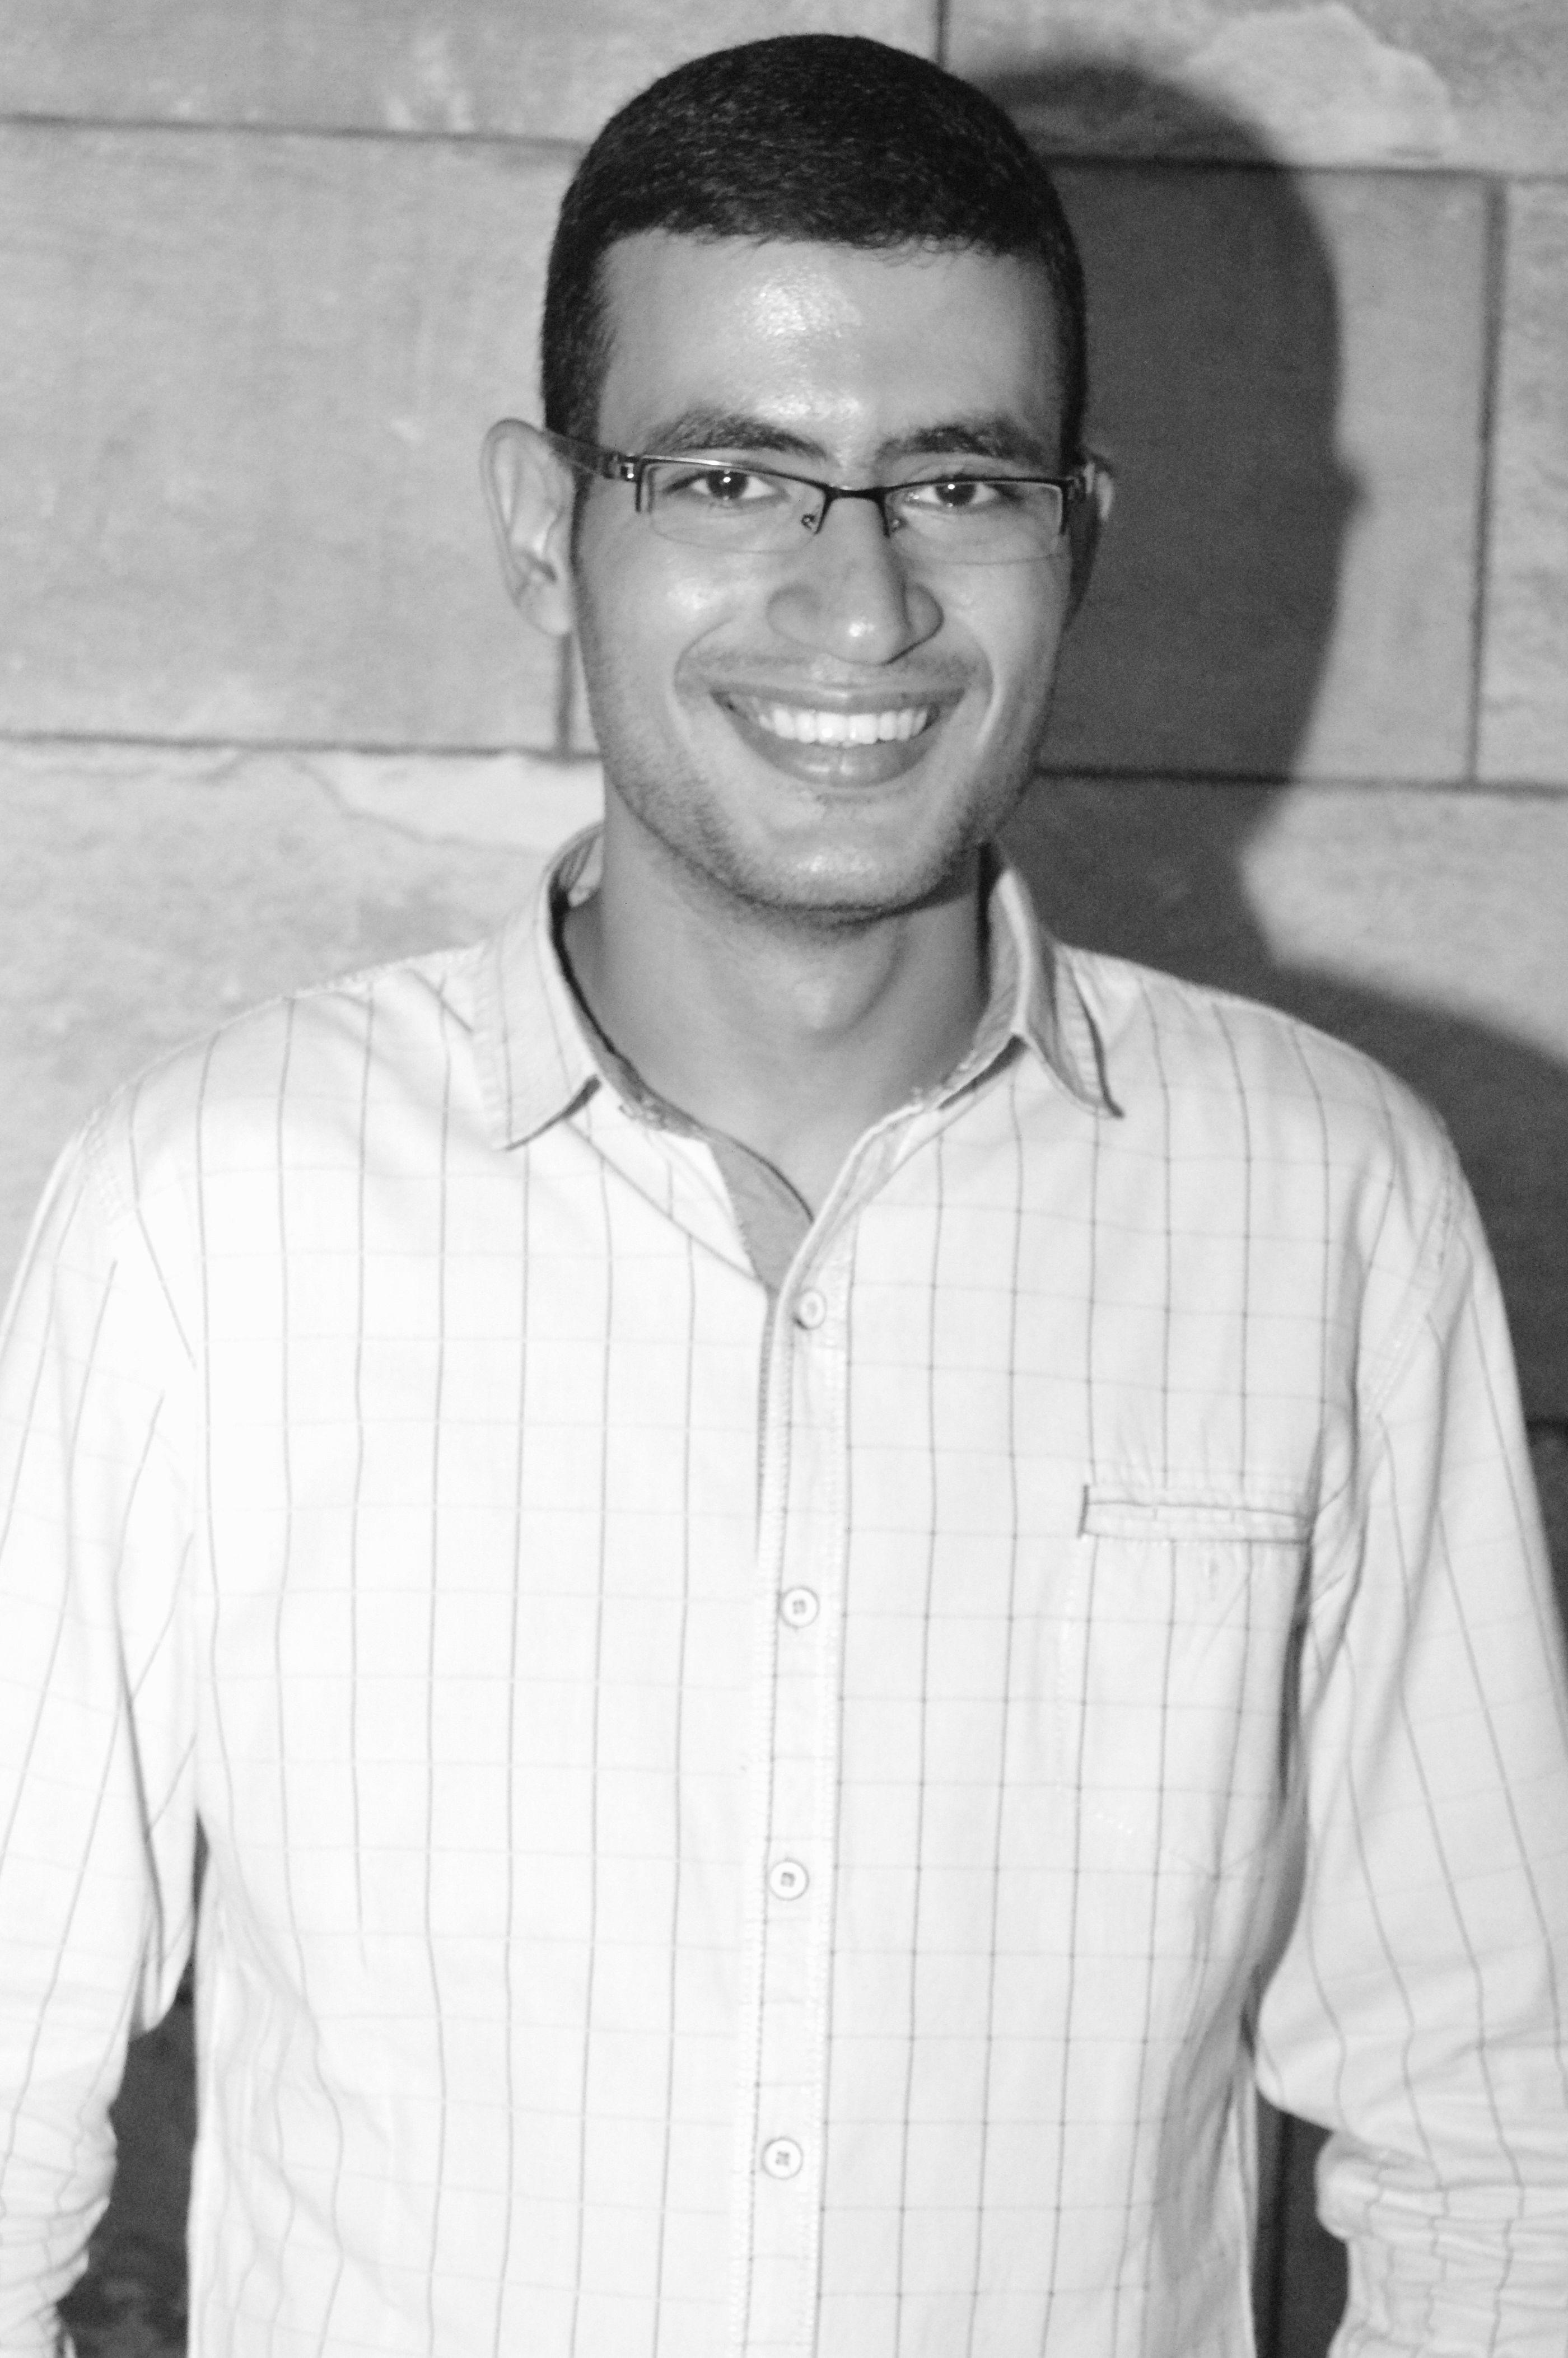 عبد الله مسعد المصري Headshot